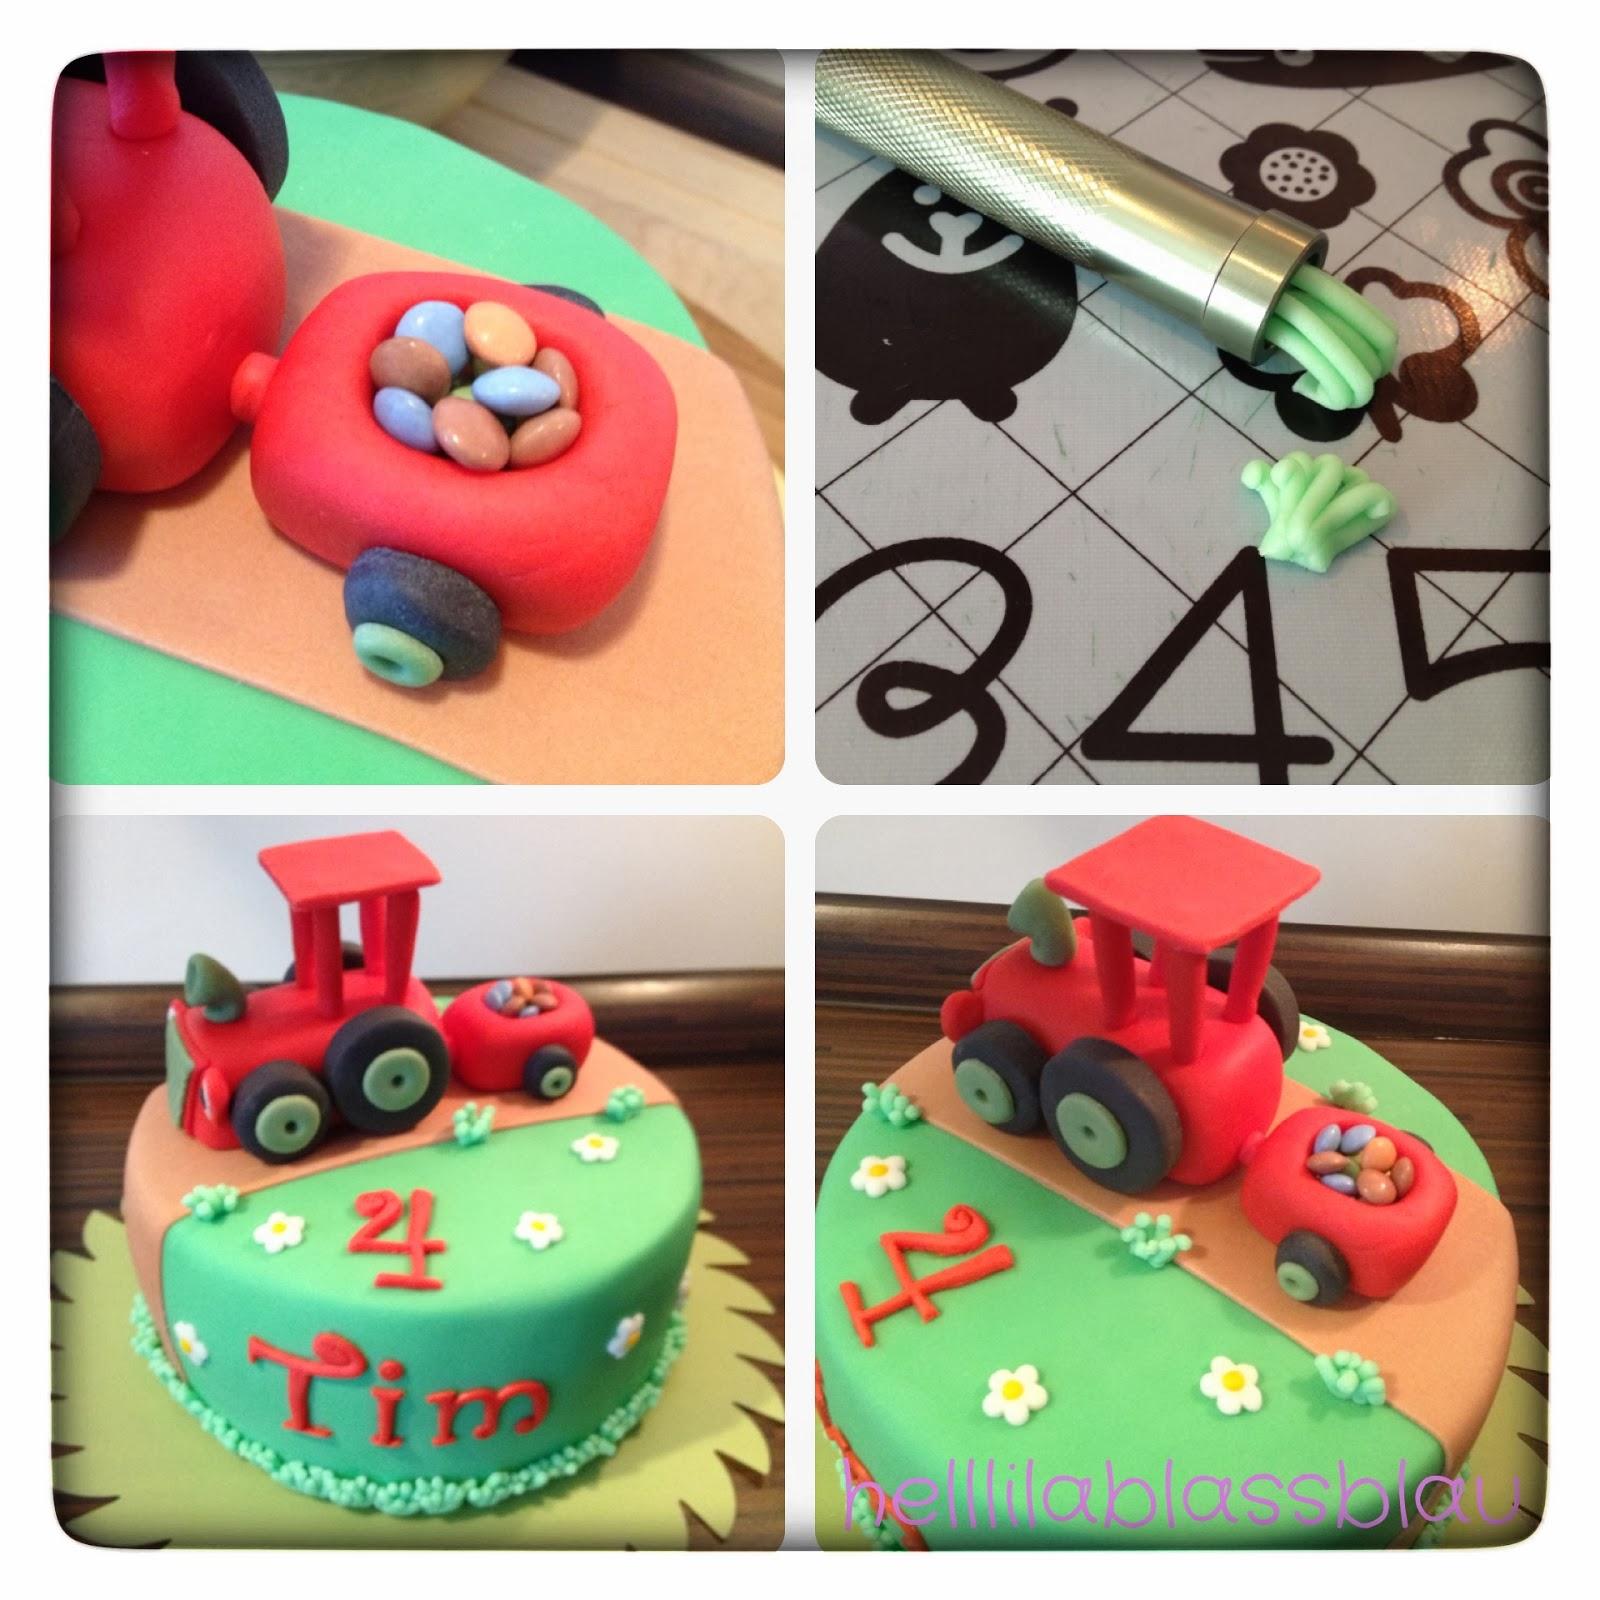 Torte traktor mit anhanger